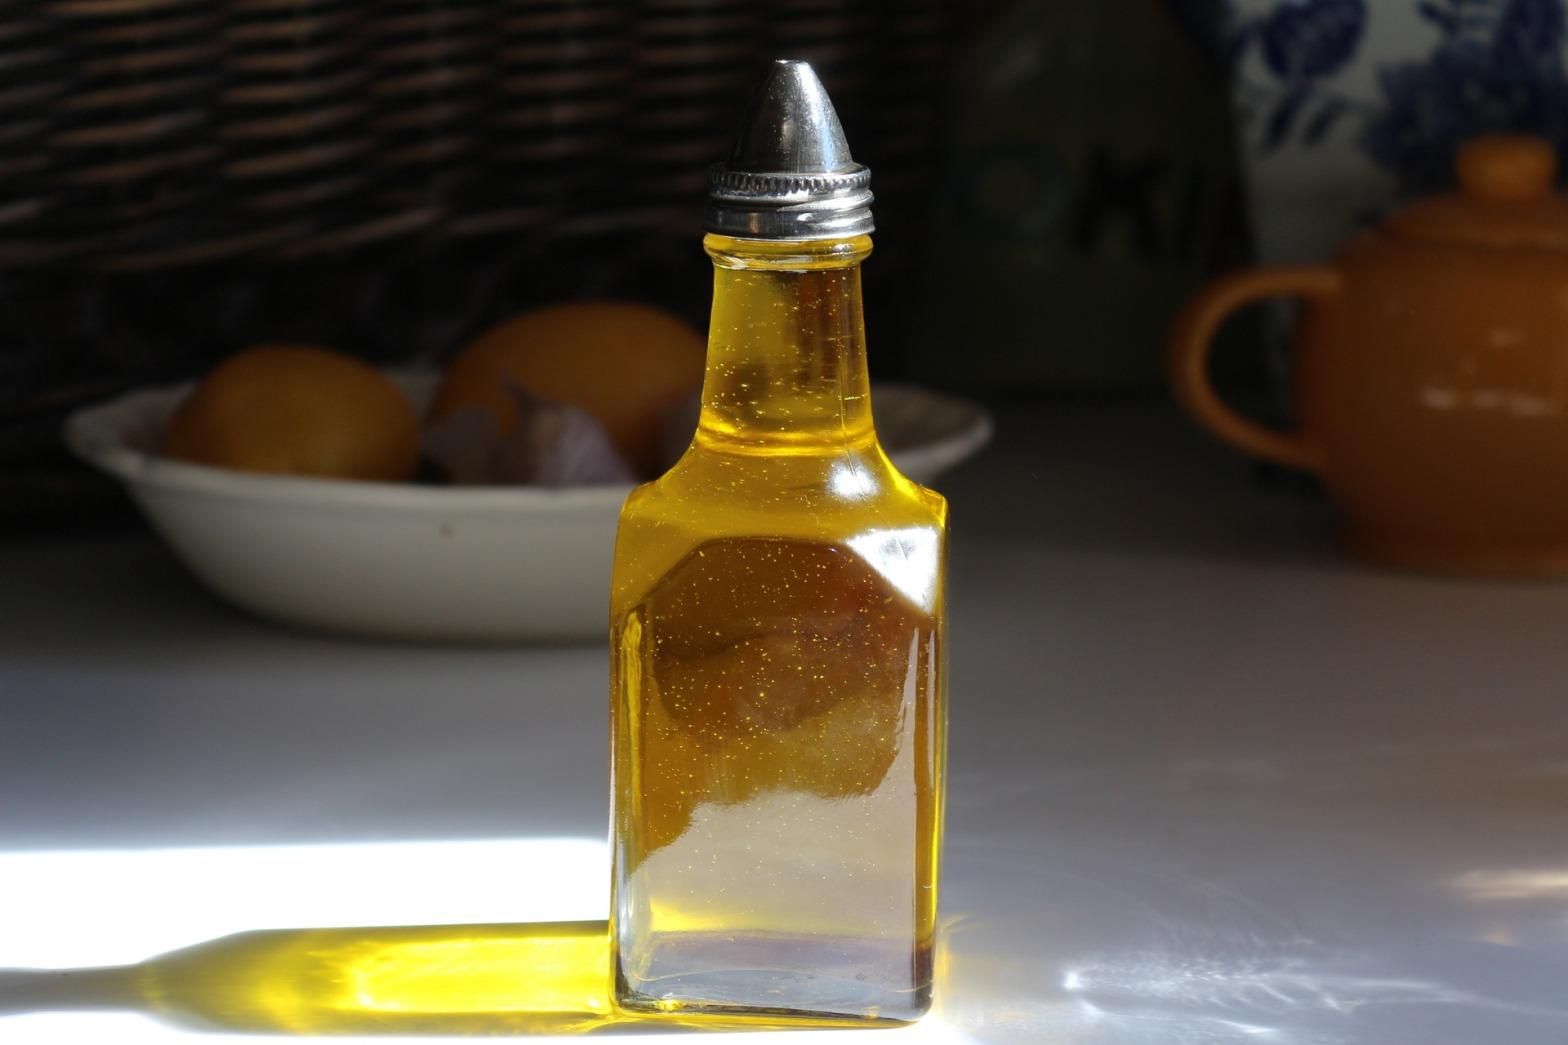 Cold-pressed canola oil